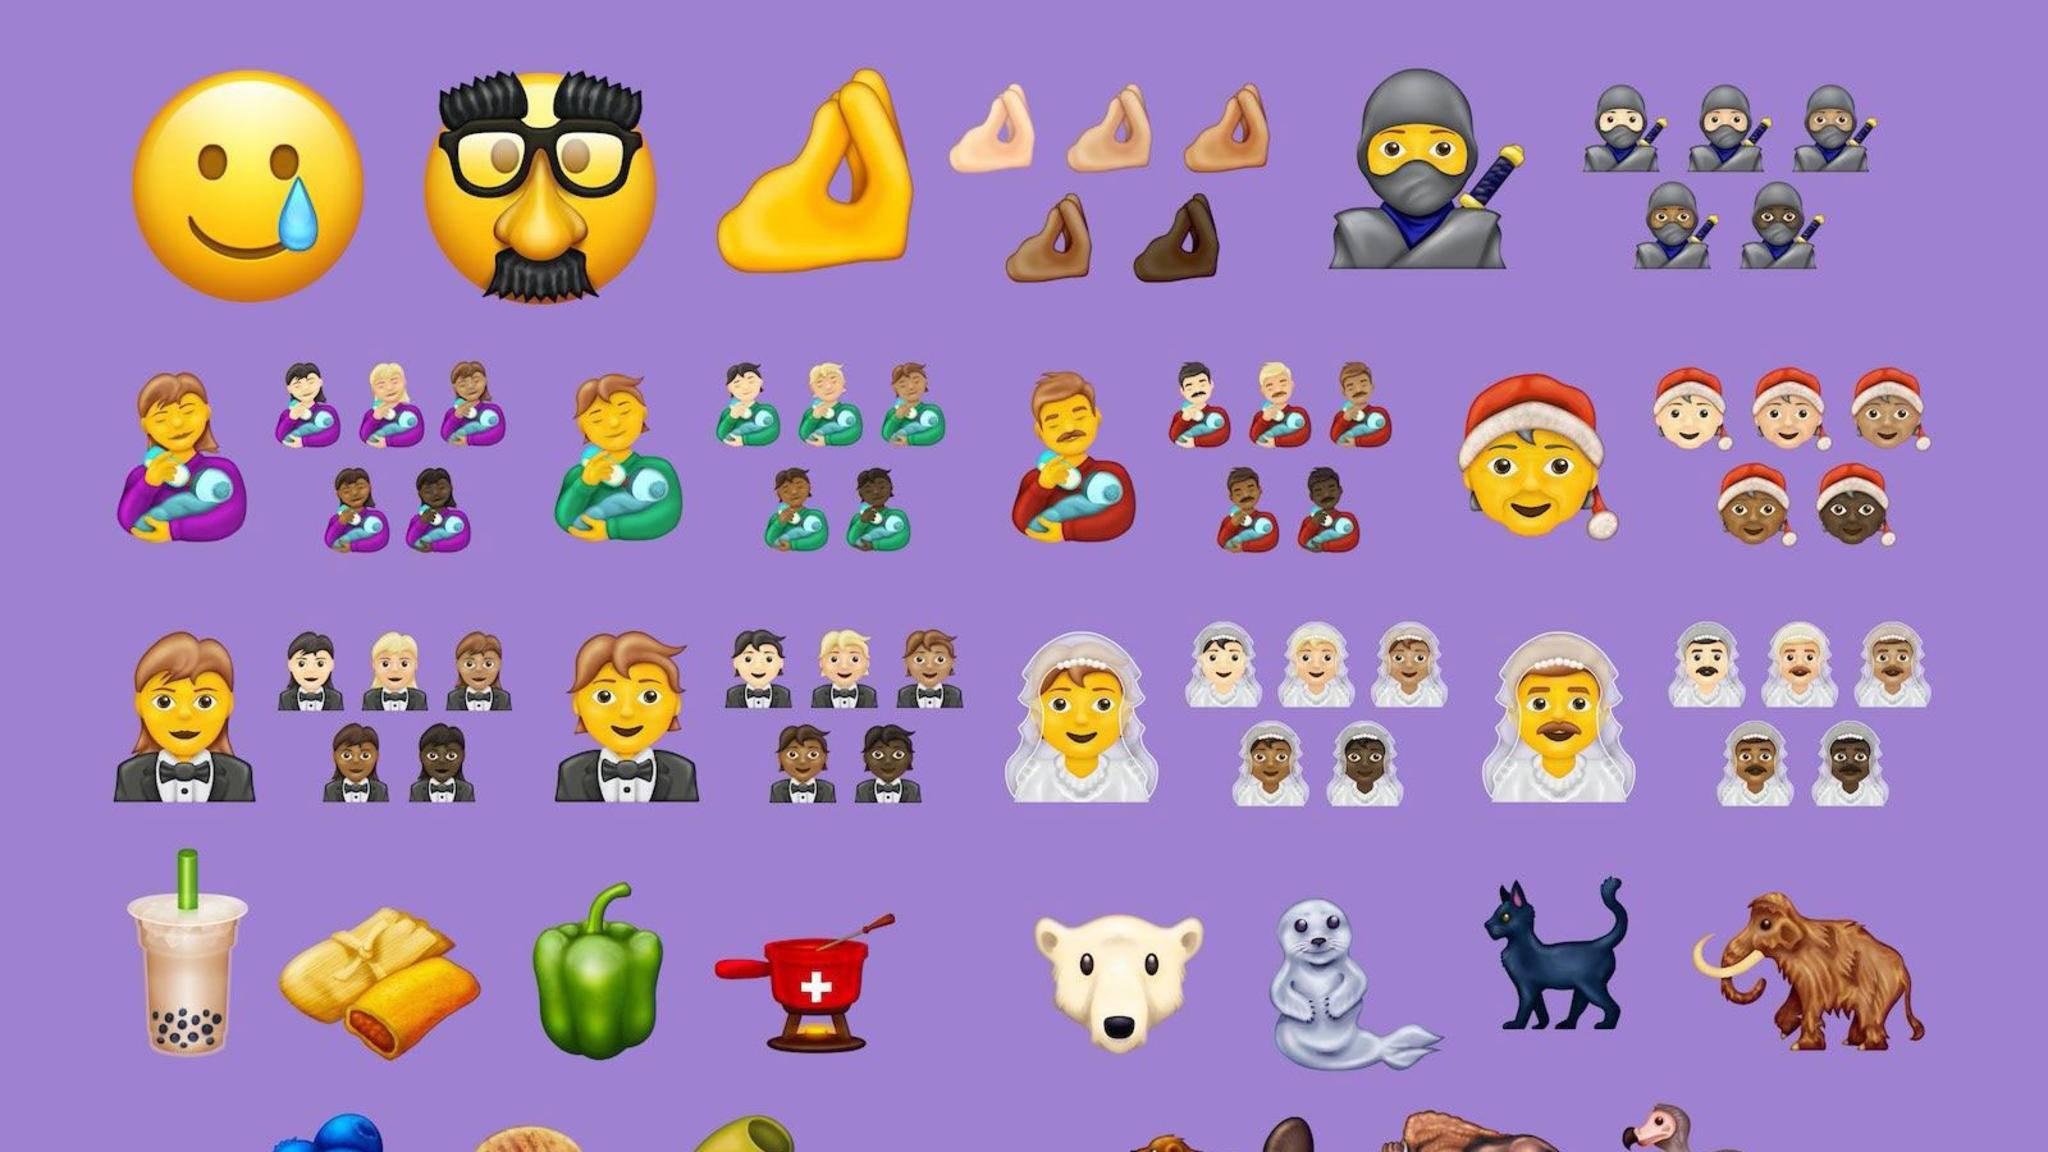 emojis-2020